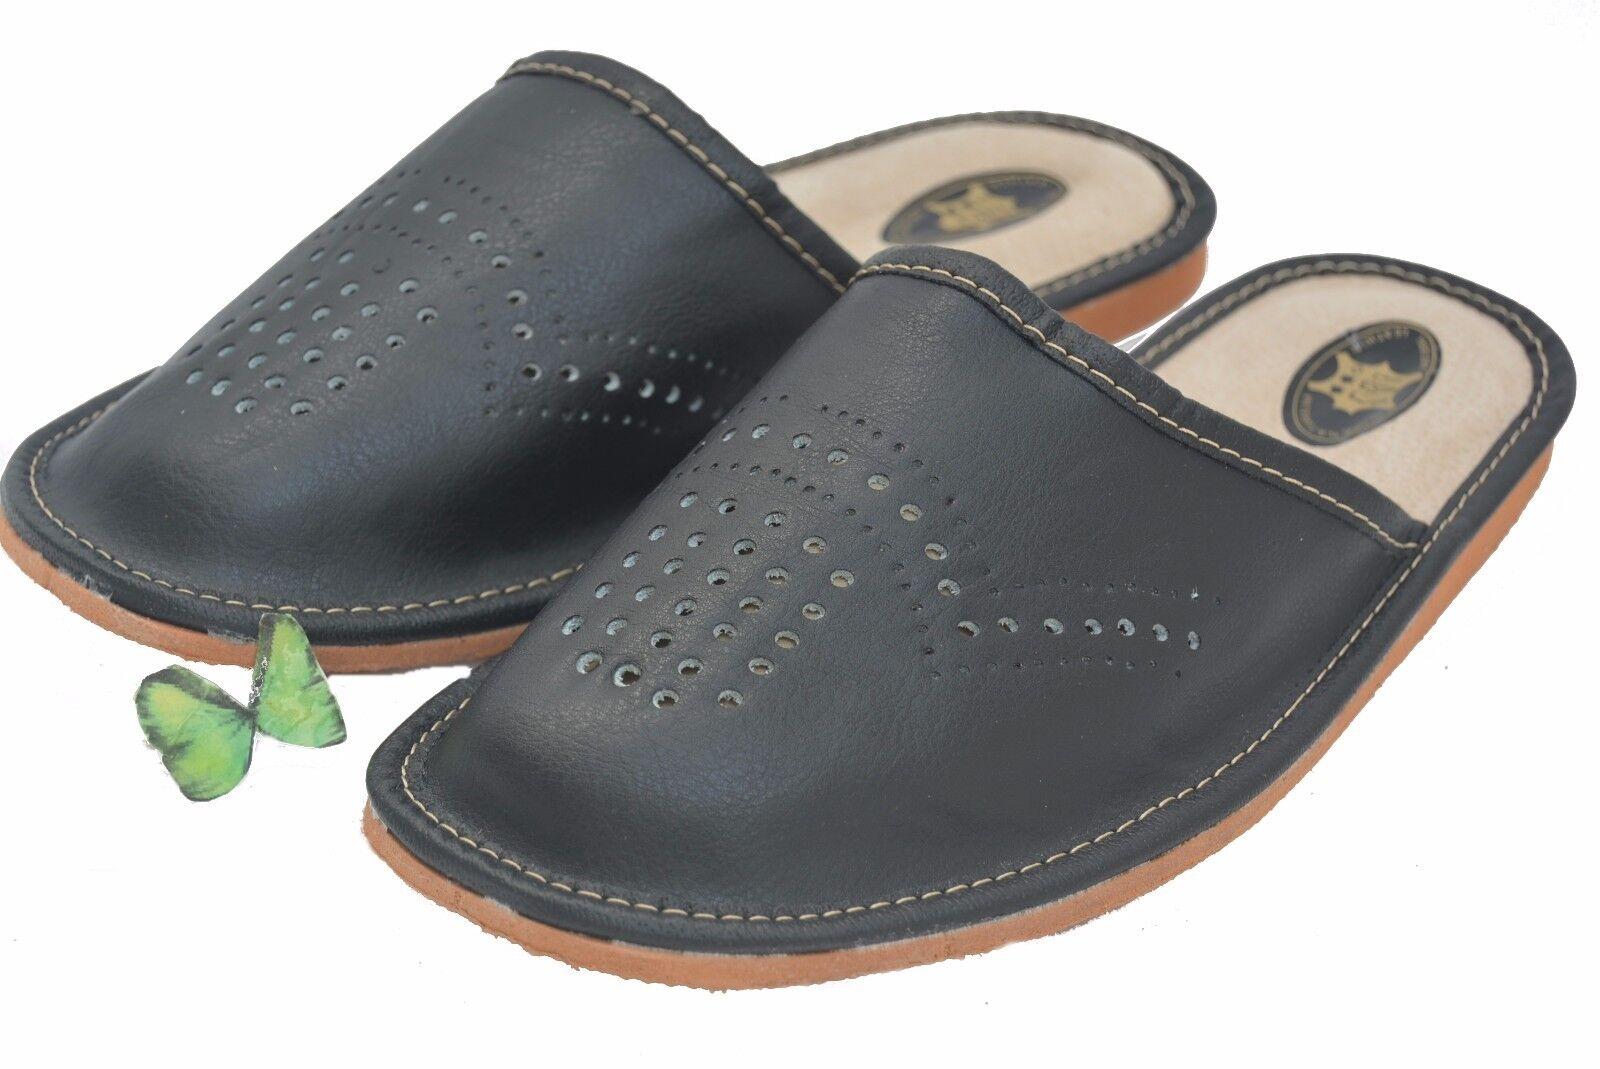 Hombre Pantuflas Zapatos sin talón 100% CUERO NATURAL MANO NEGRA multicolor multicolor NEGRA ec3644